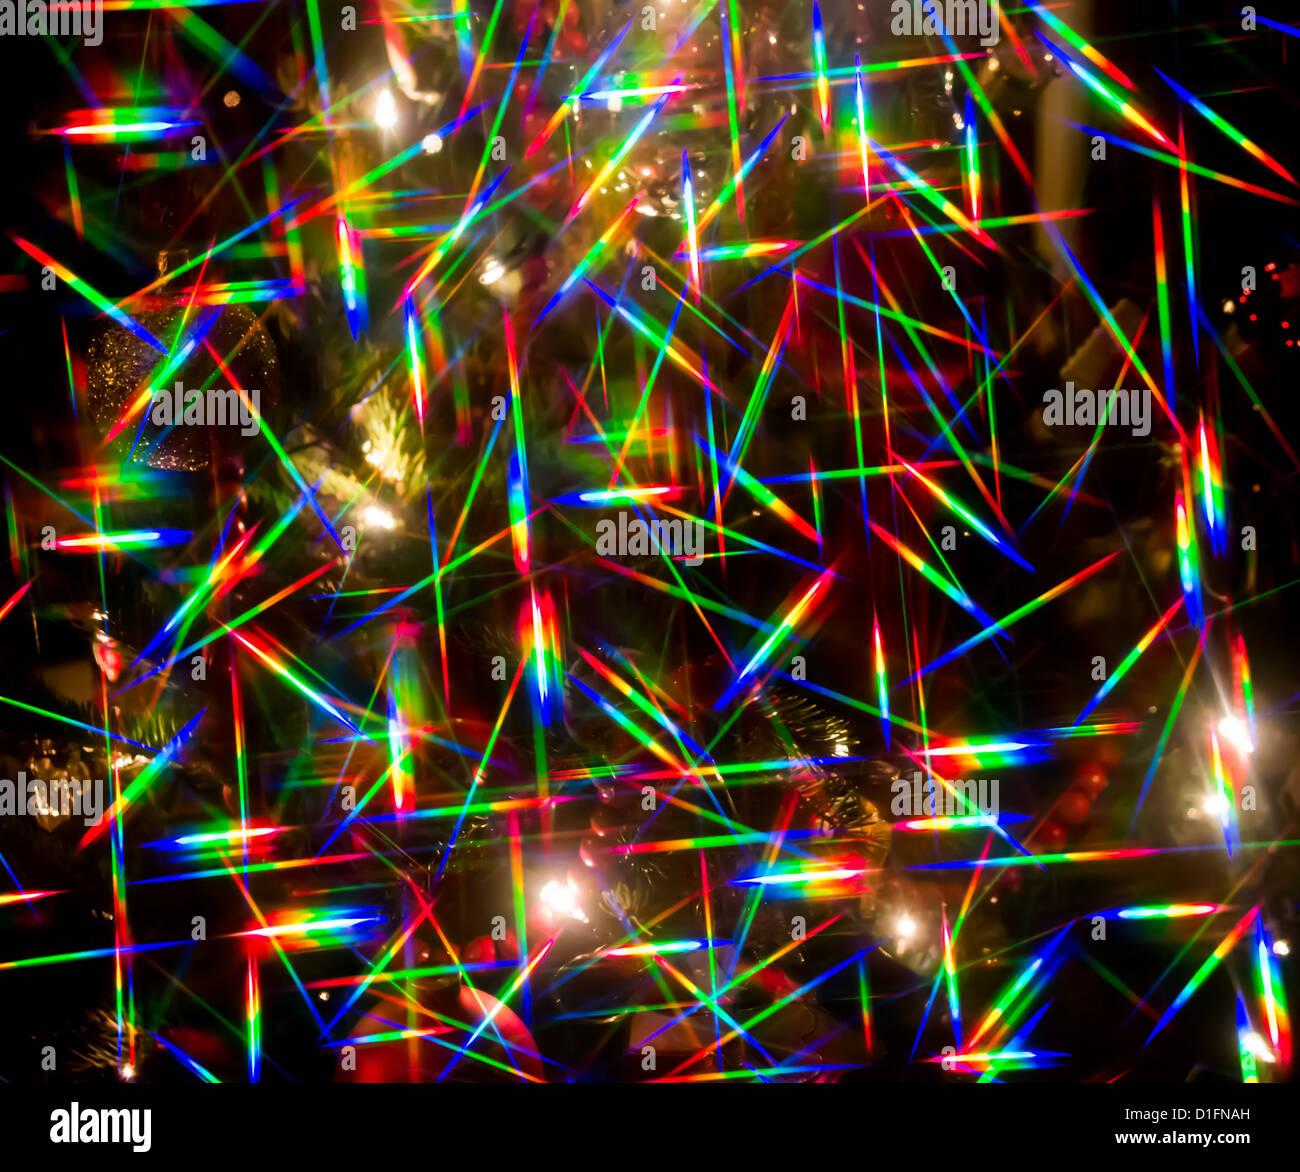 Abstract Christmas lights - Stock Image